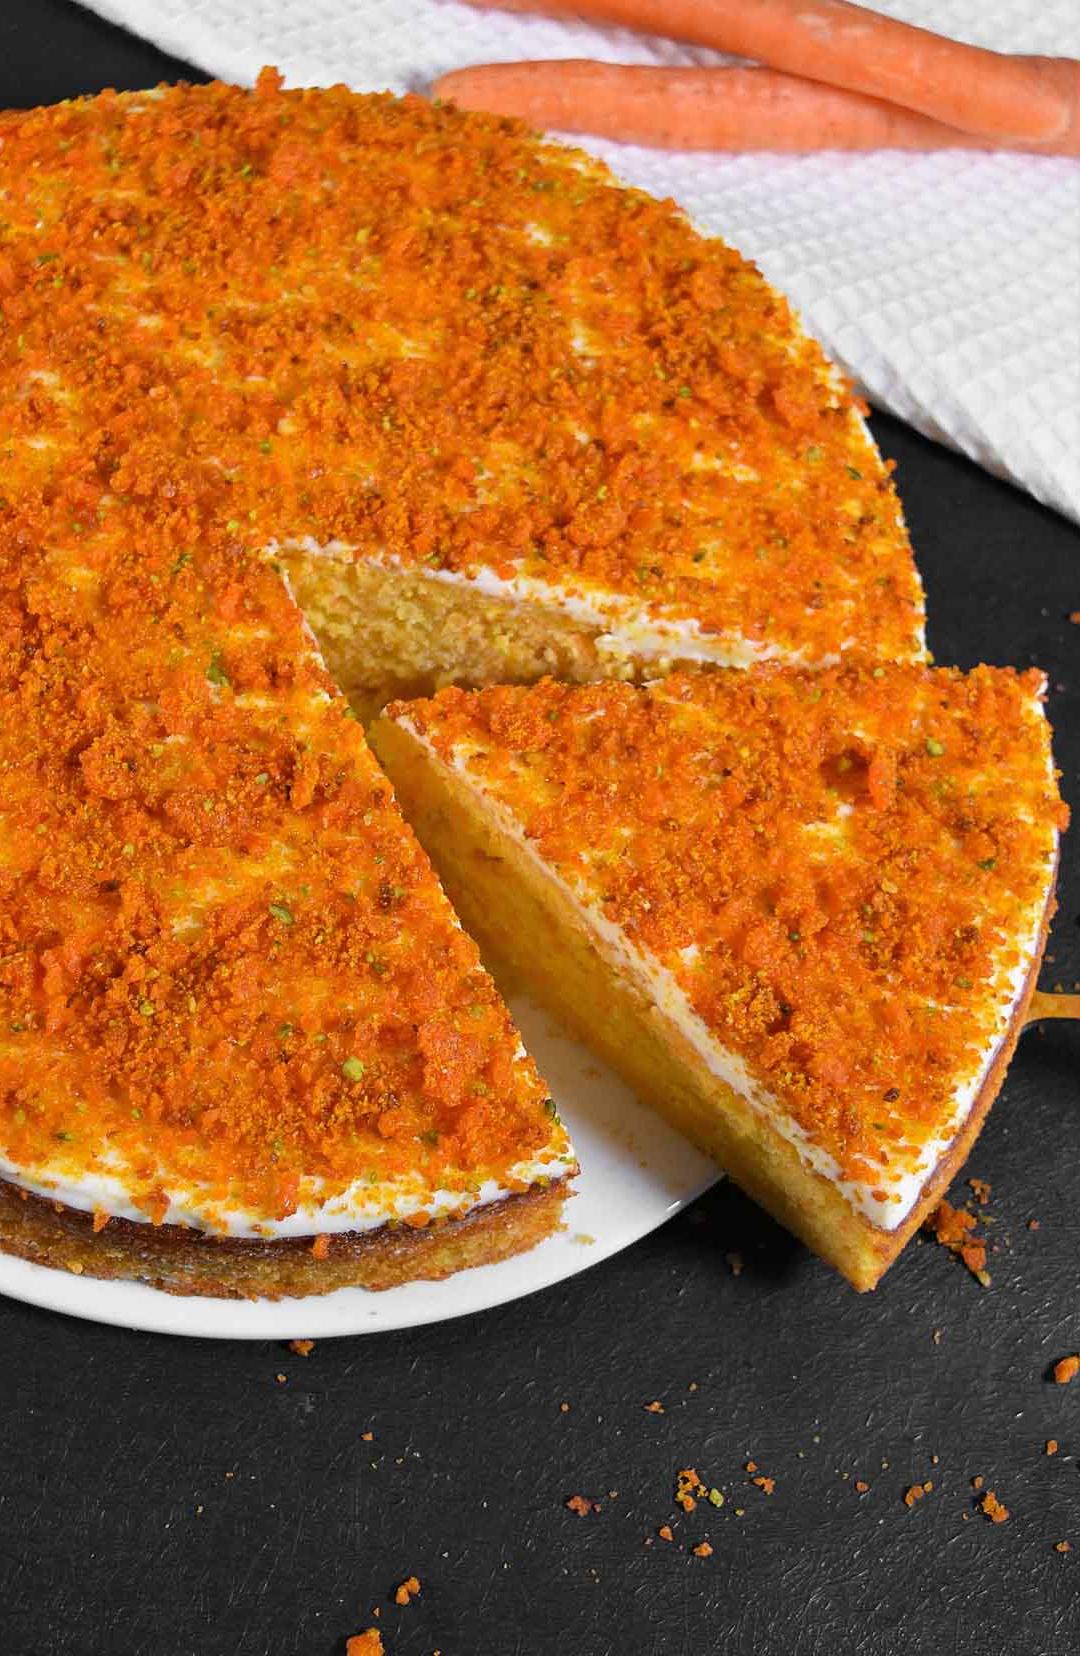 Möhren Orangen Kuchen mit Crunch-Osterkuchen-ballesworld